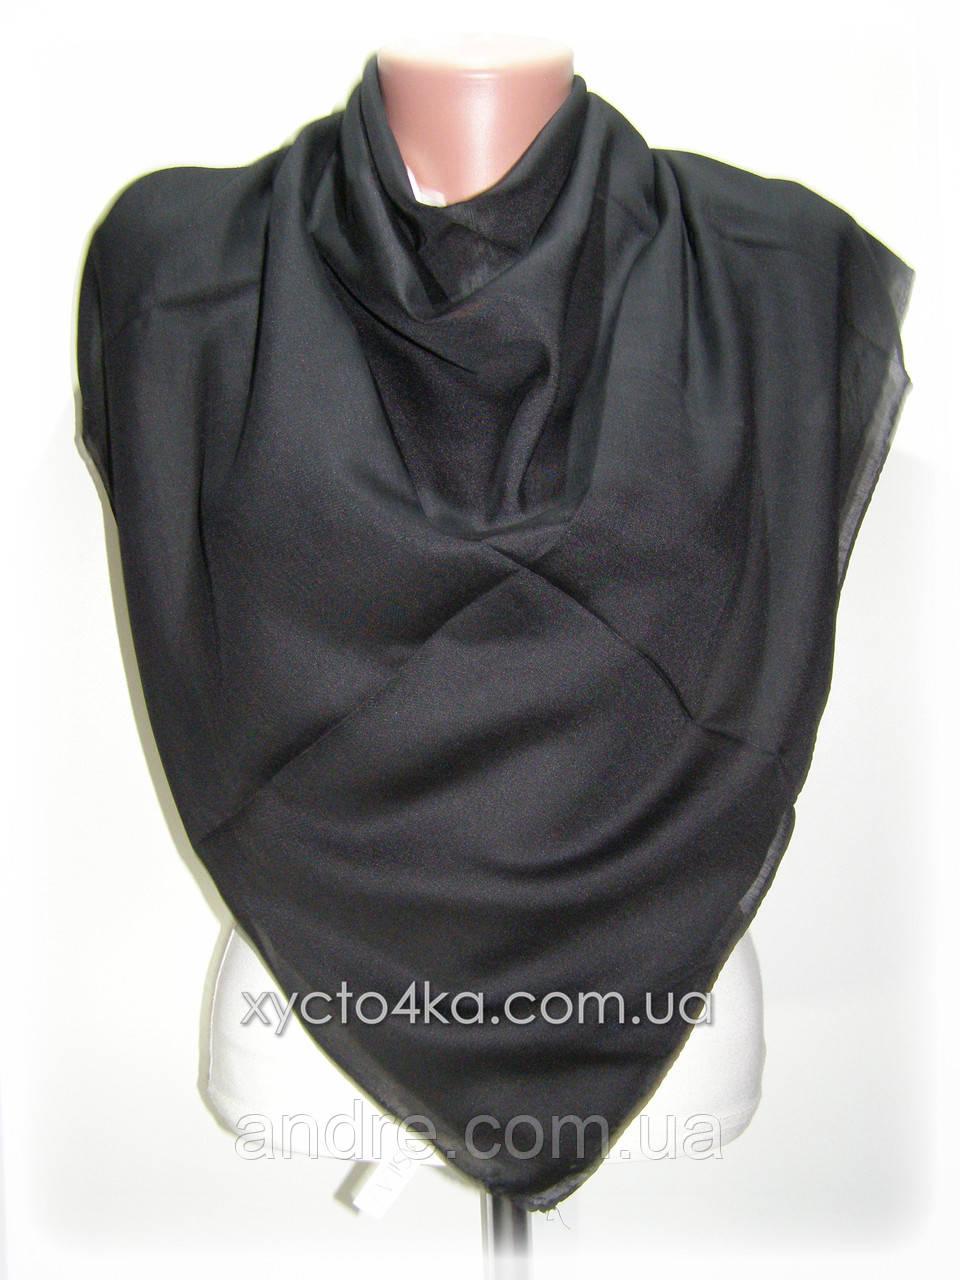 Лёгкие однотонные платки платки Изабелла,чёрный